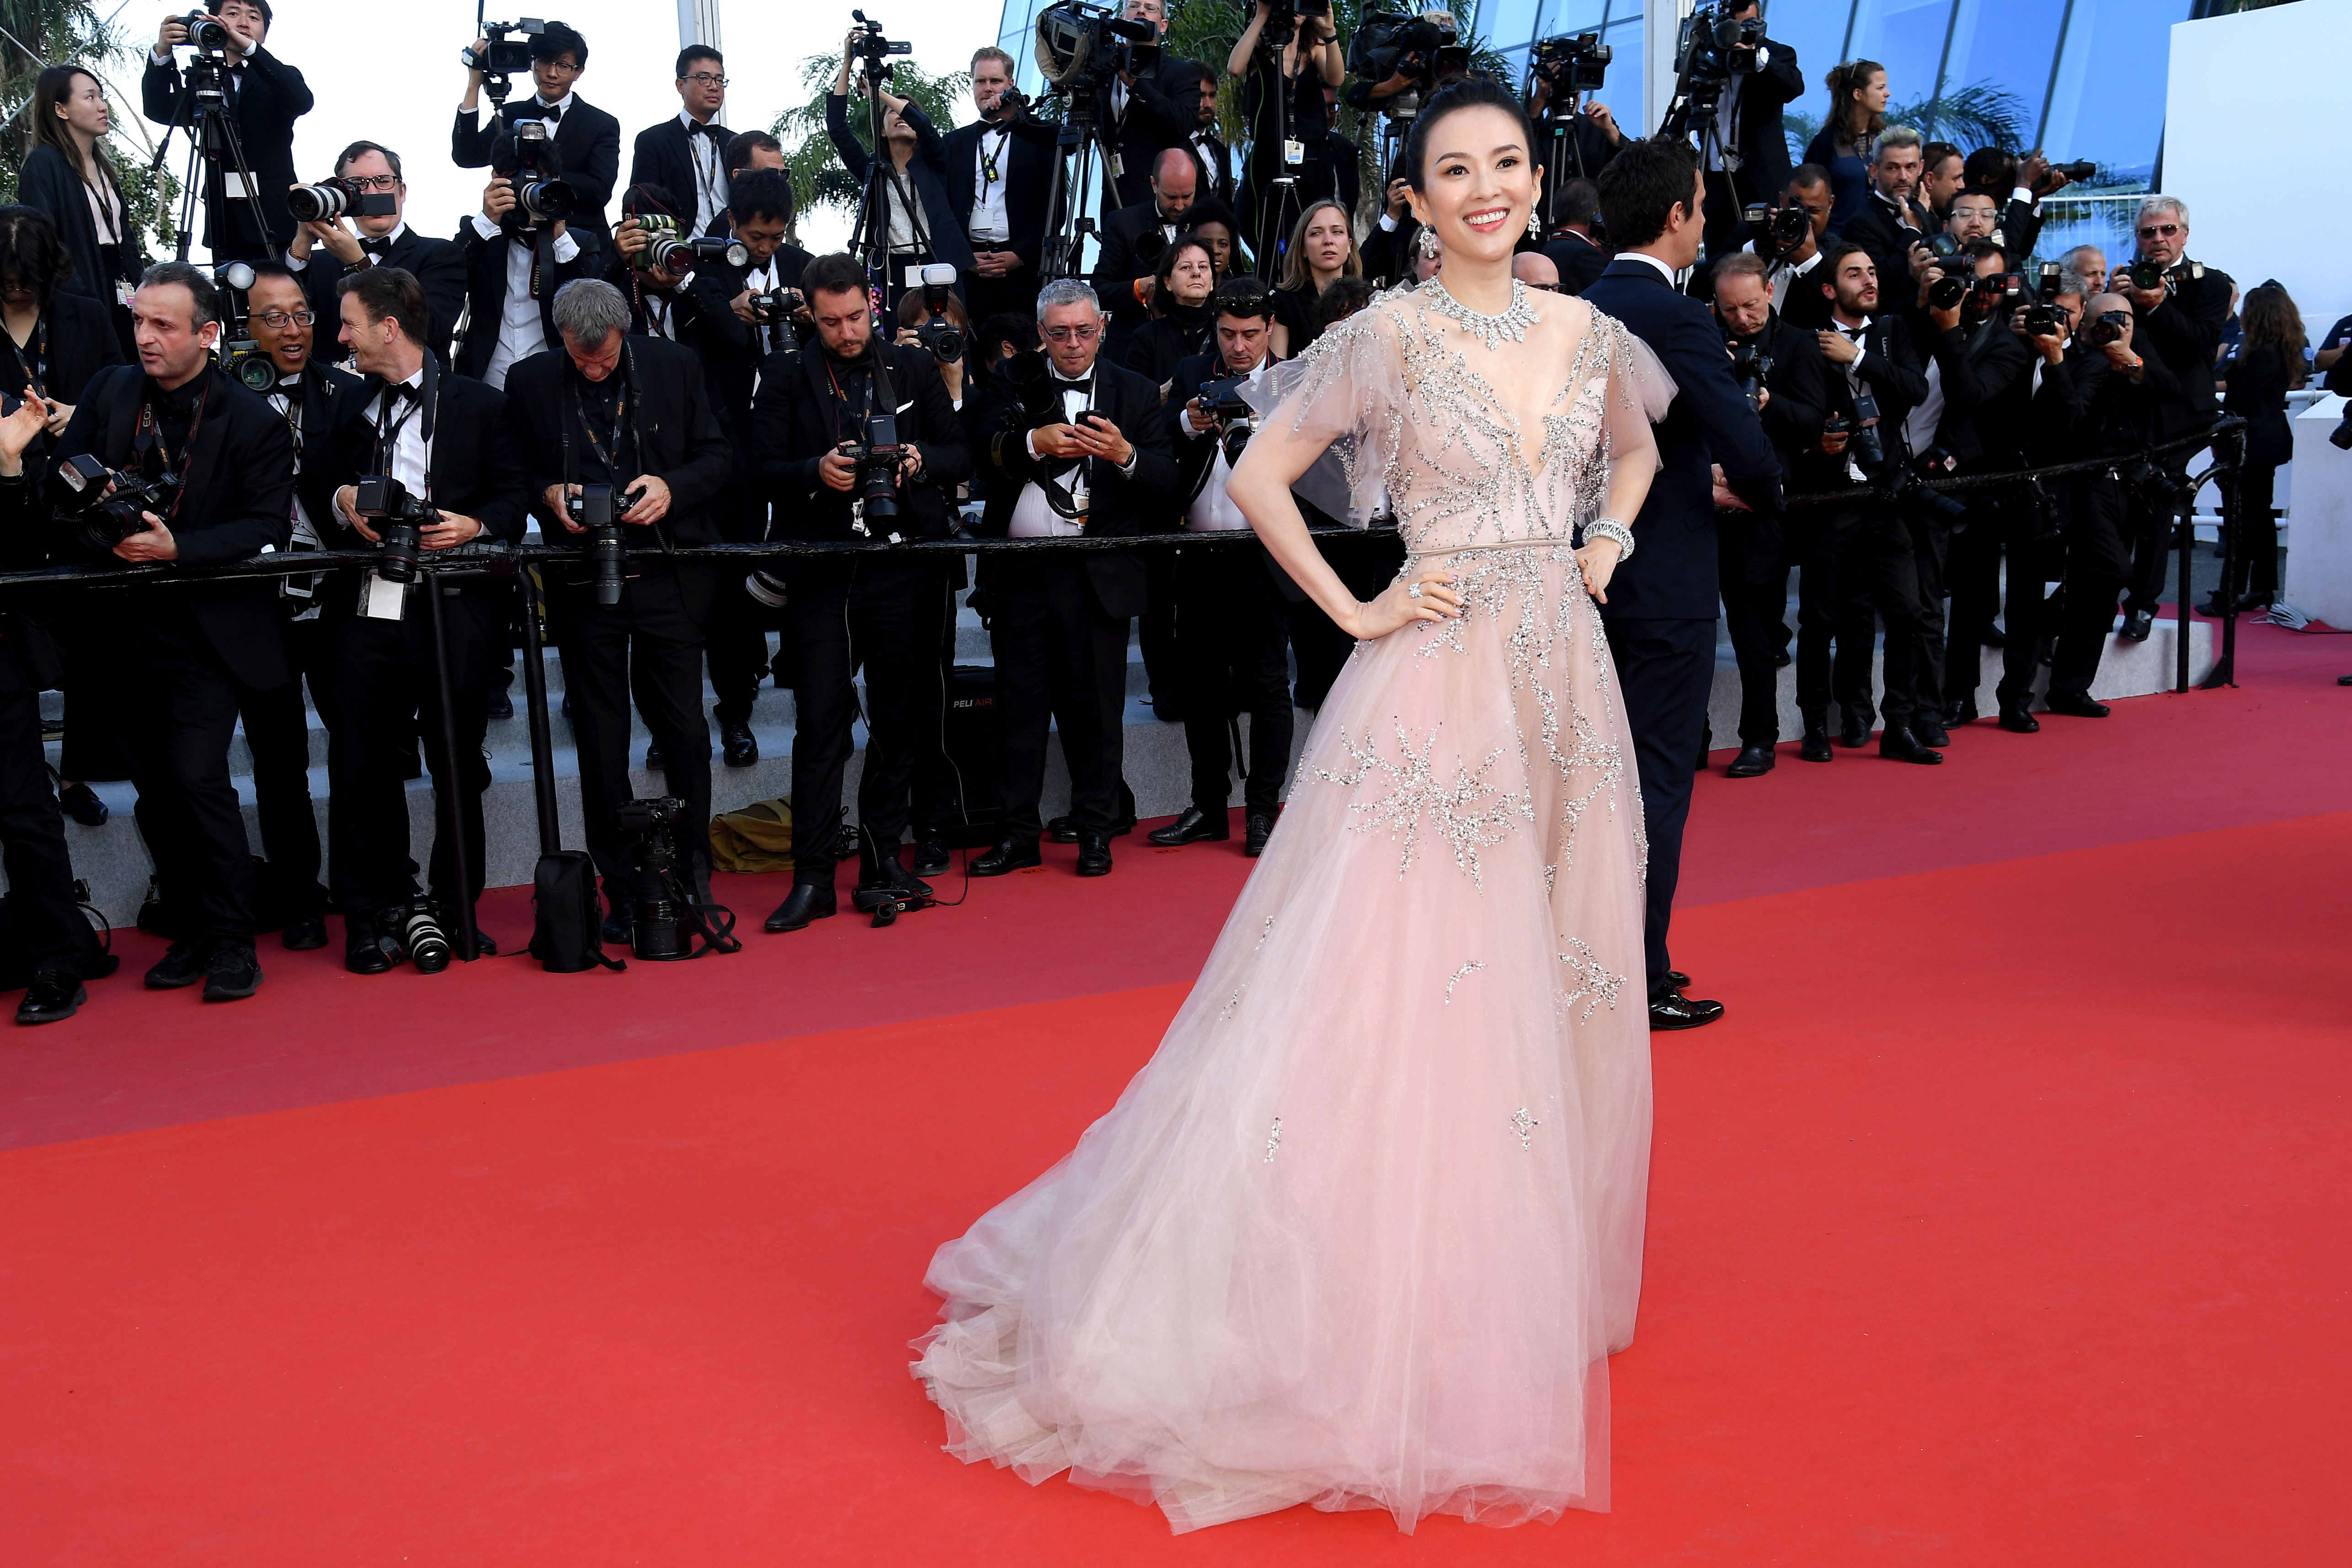 cad90e4a073 Лучшие платья церемонии закрытия Каннского кинофестиваля